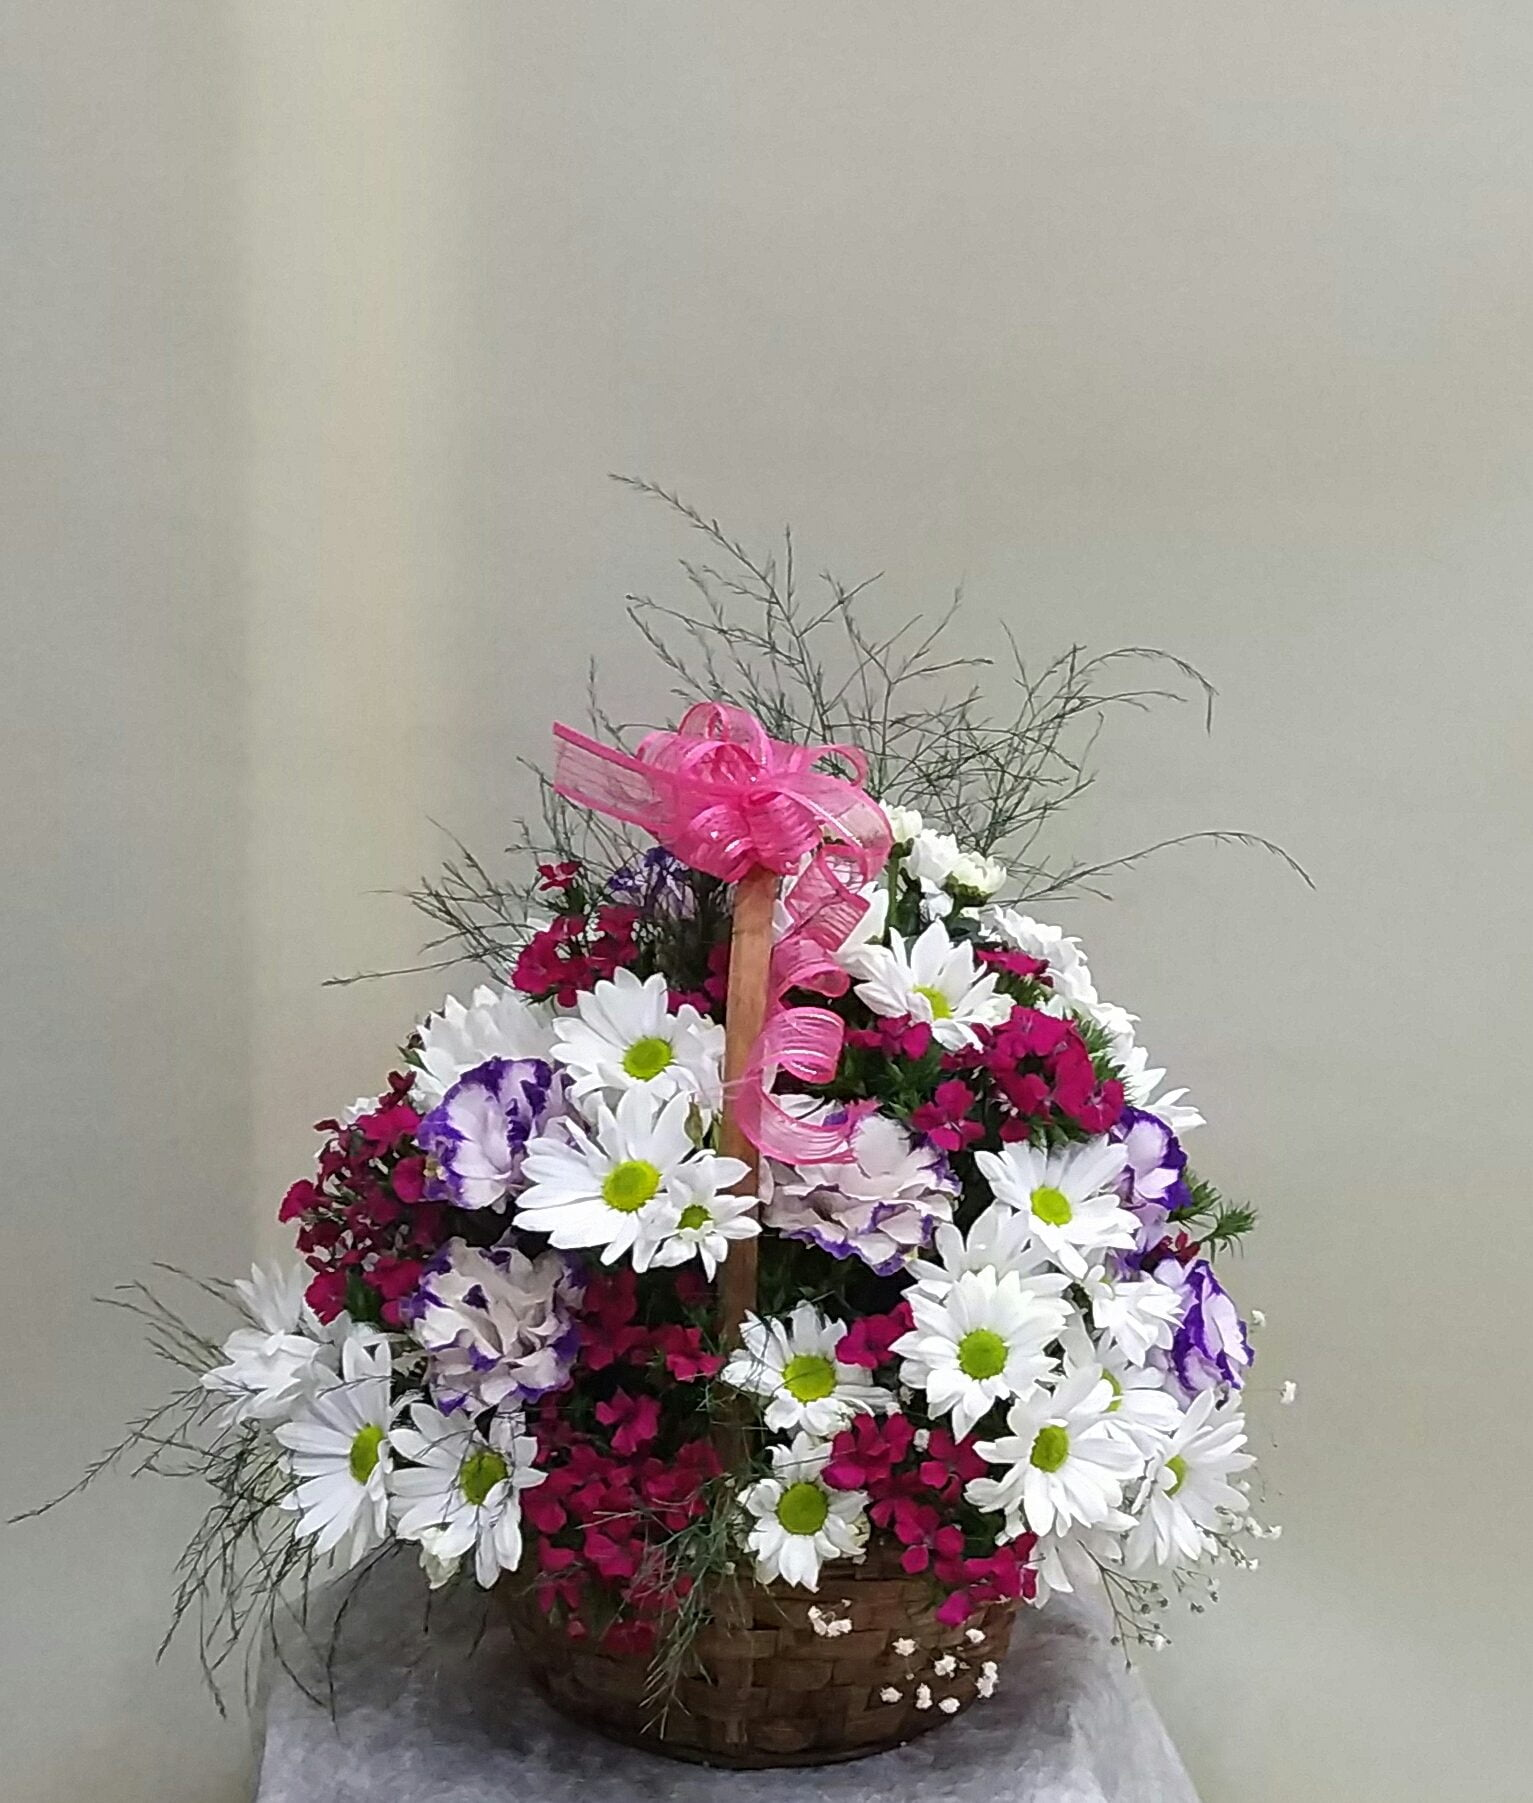 sepette renkli mevsim çiçekleri